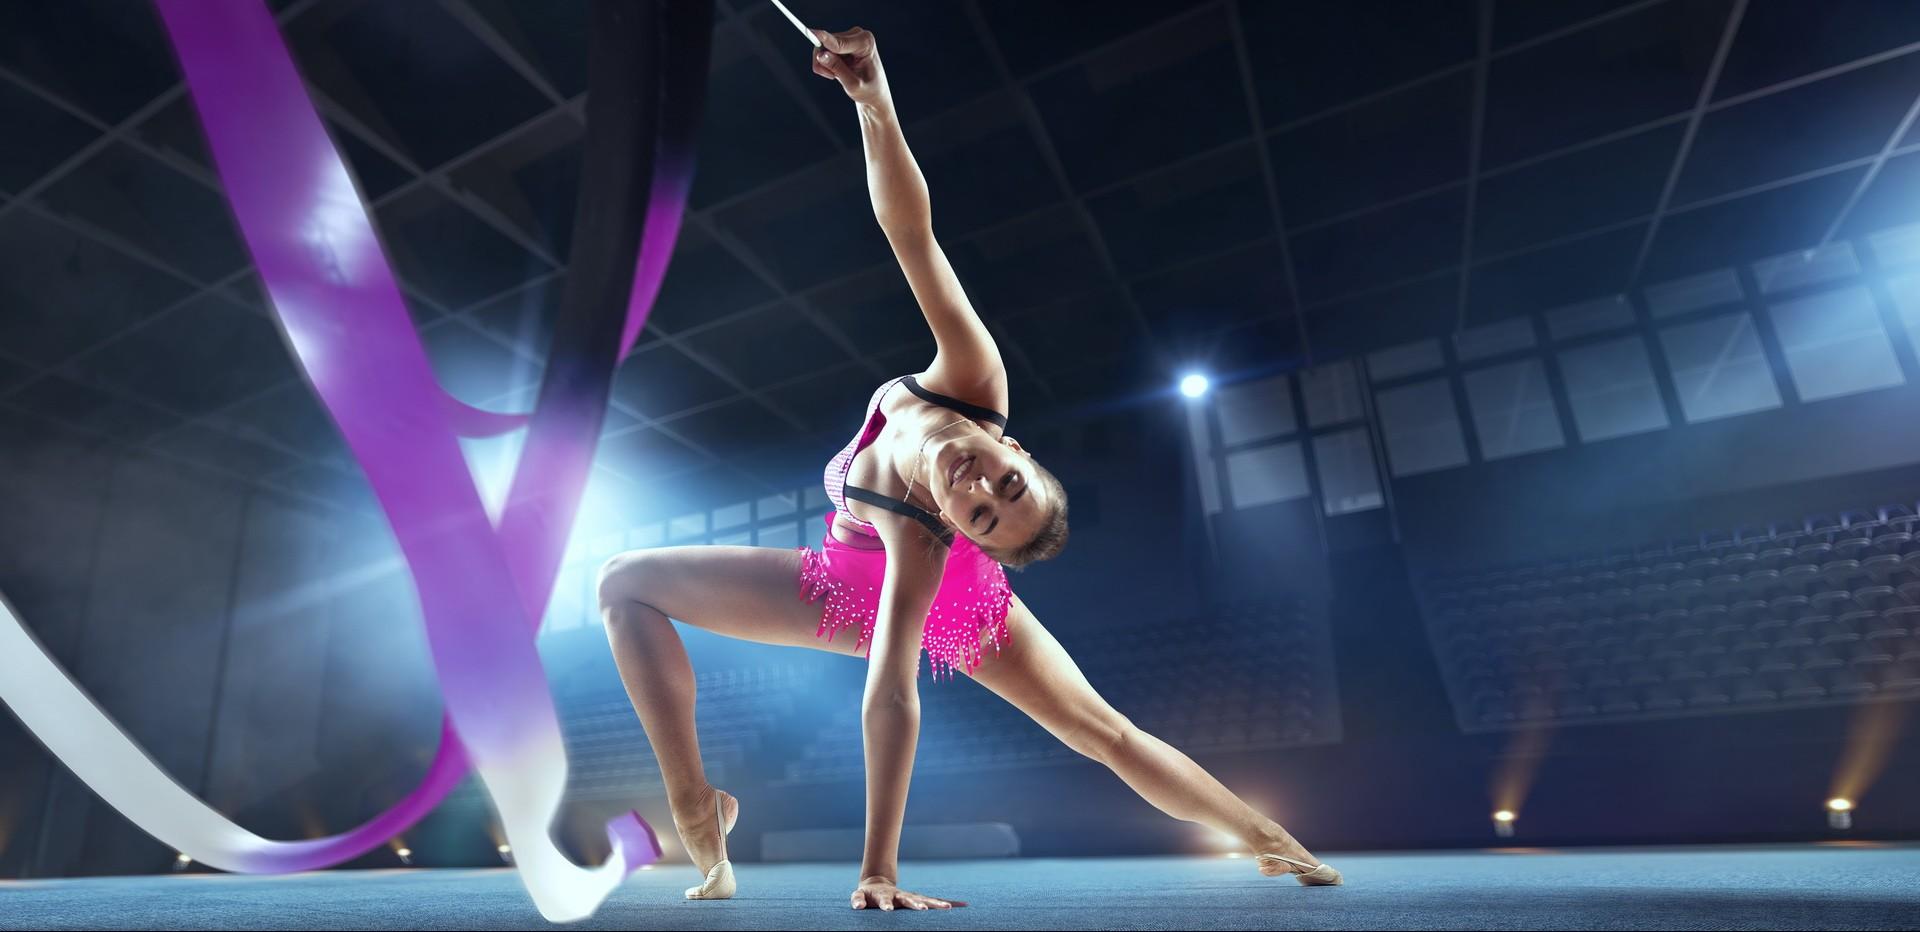 Художественная гимнастика для детей в Екатеринбурге ...